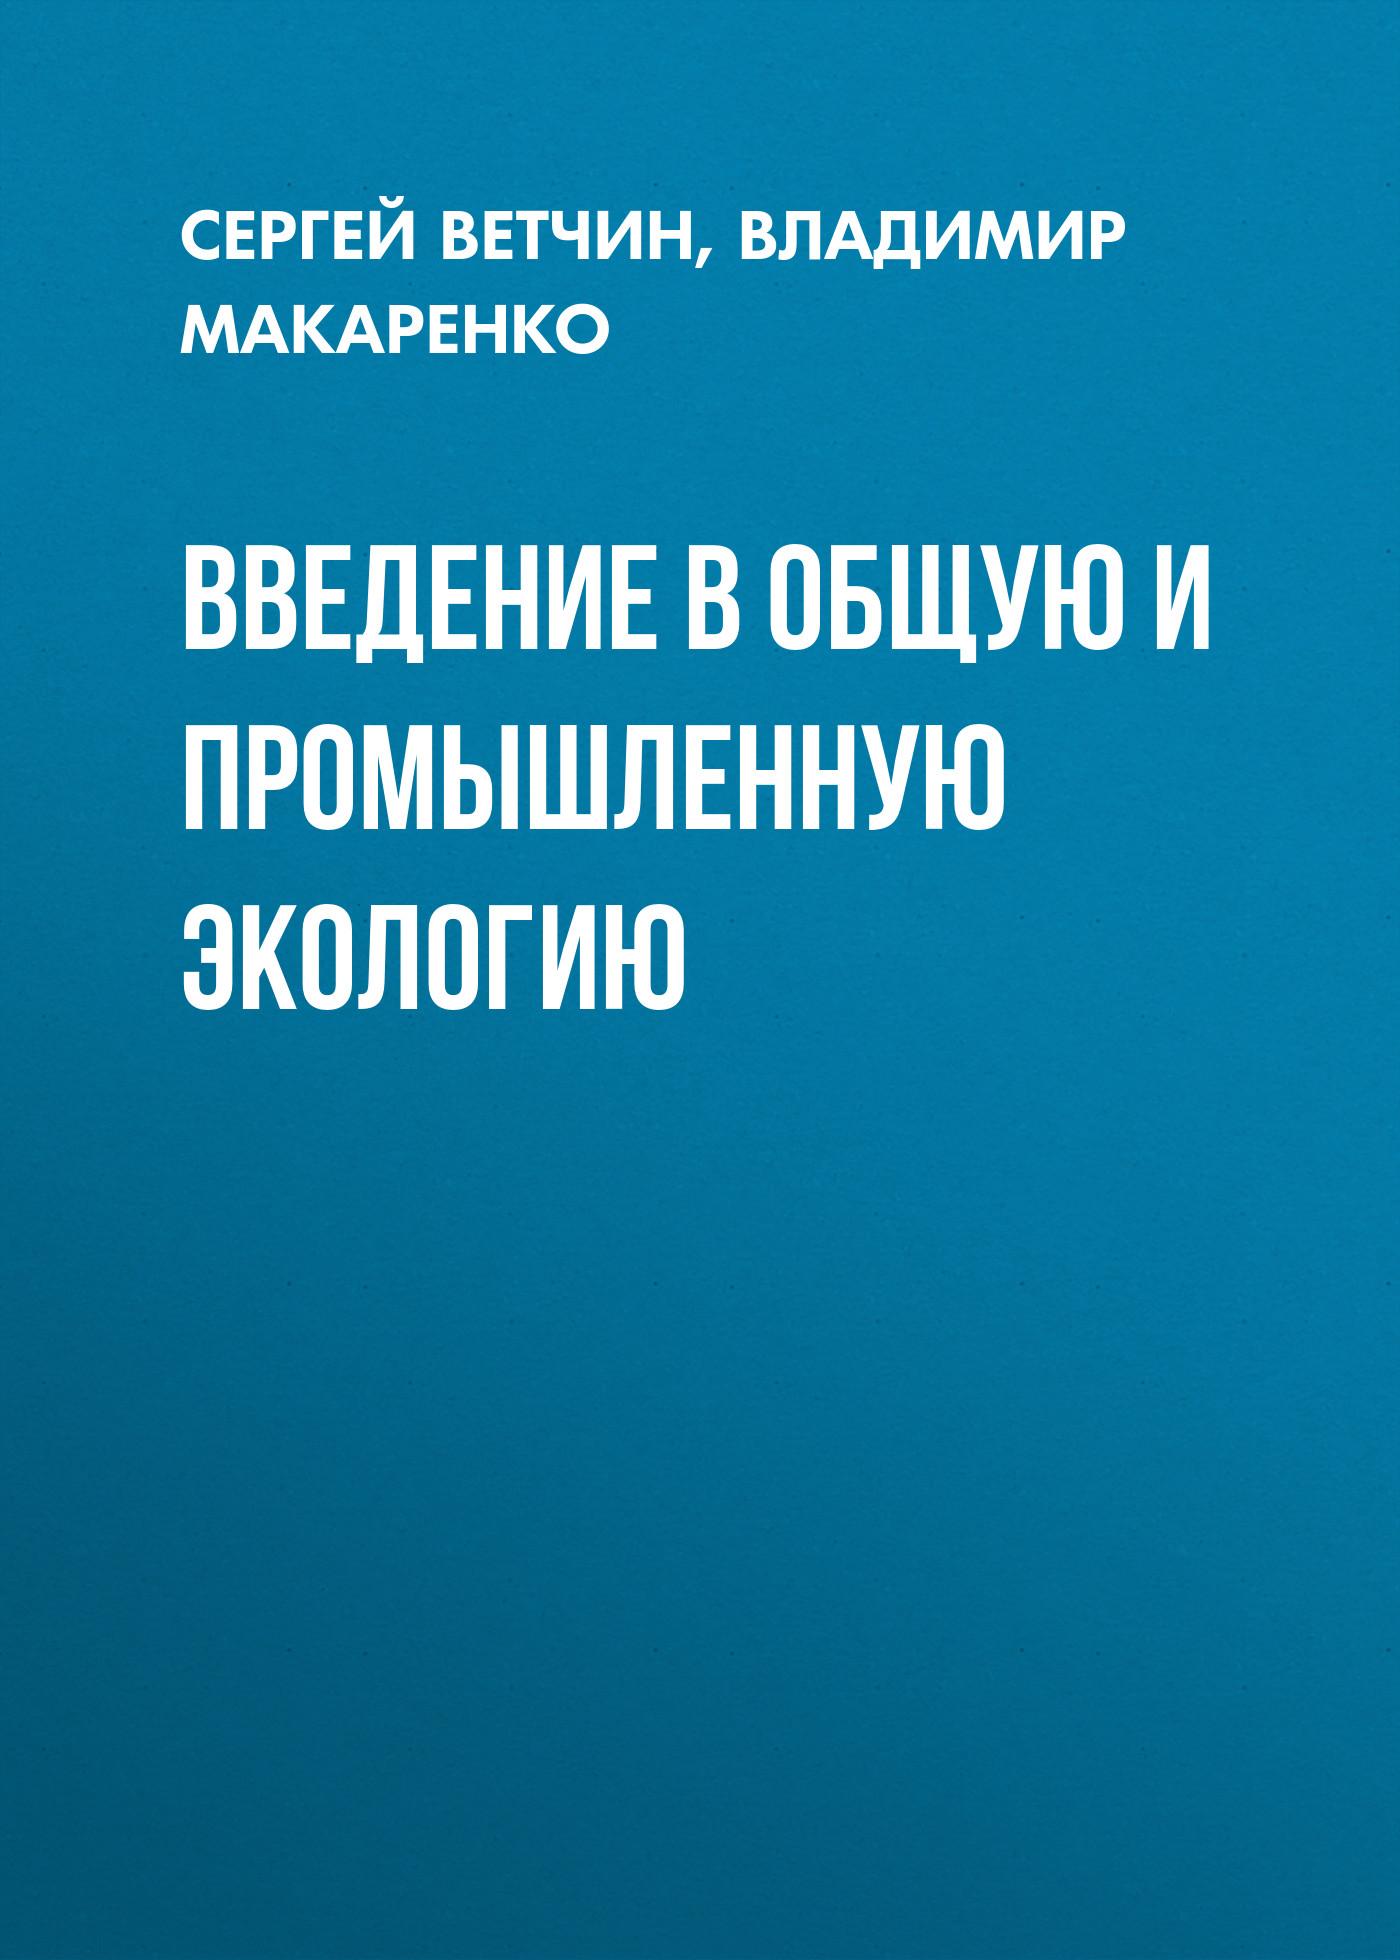 Владимир Макаренко Введение в общую и промышленную экологию связь на промышленных предприятиях